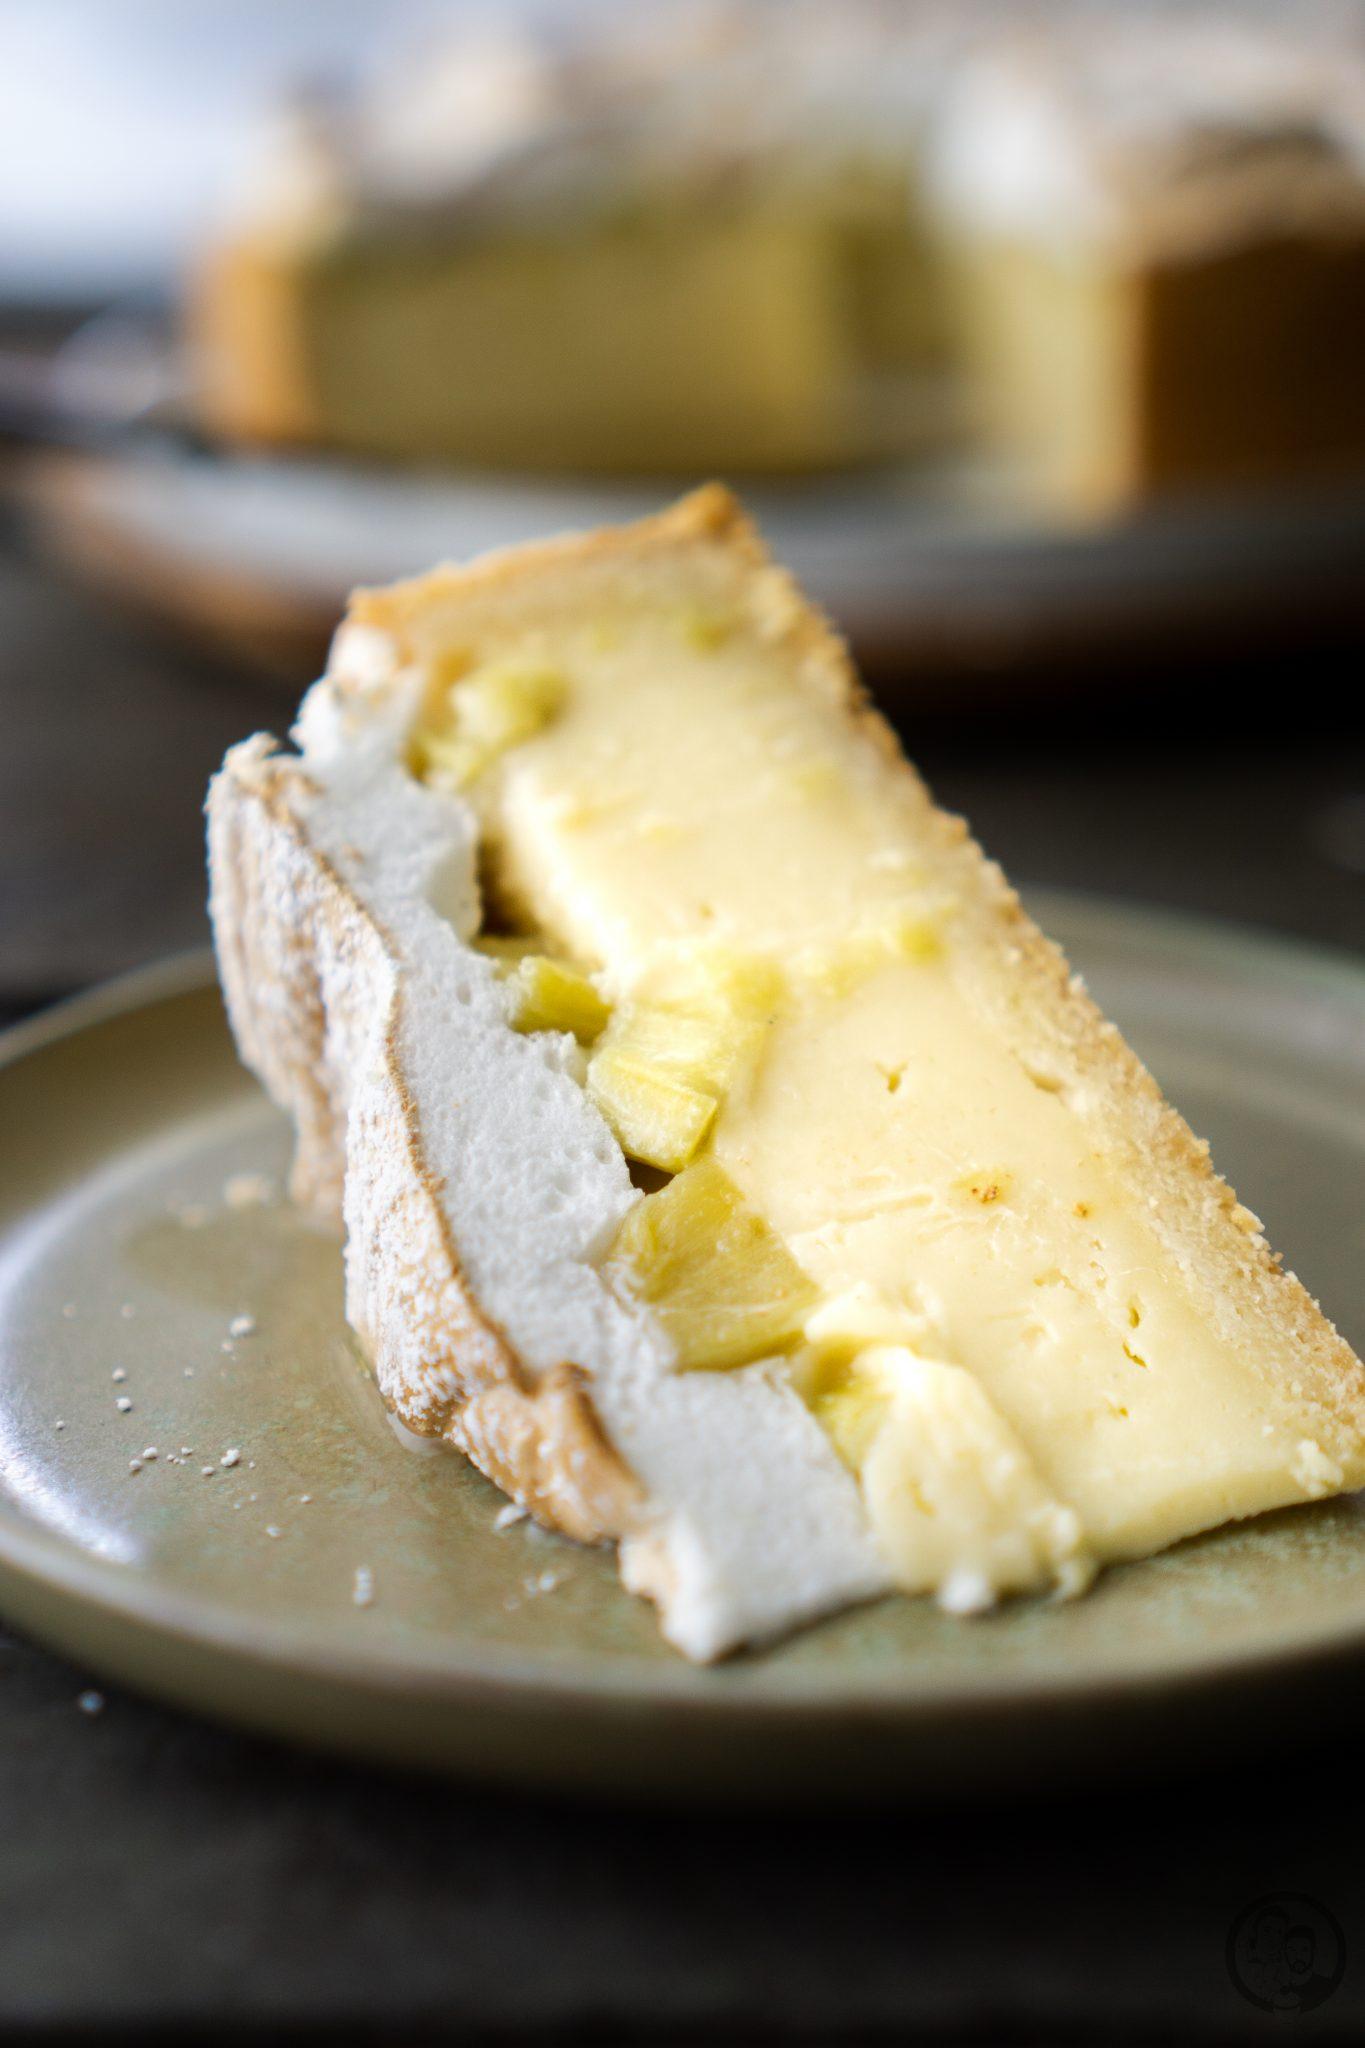 Ein Stück Rhabarber-Baiser Kuchen